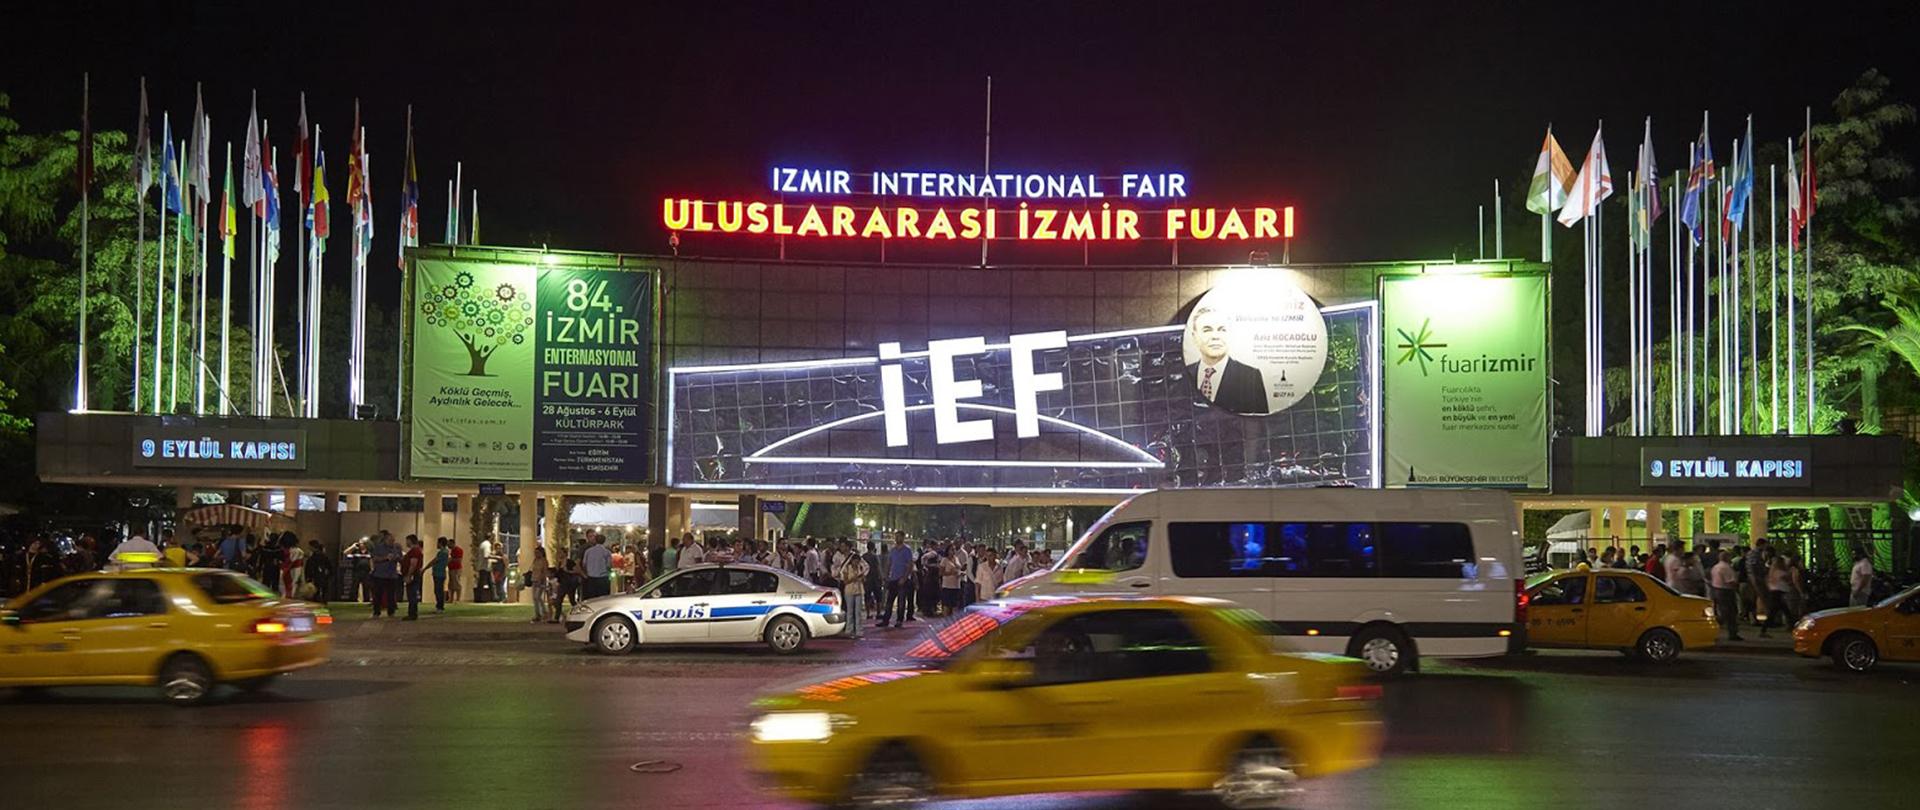 İzmir Uluslar Arası Fuar